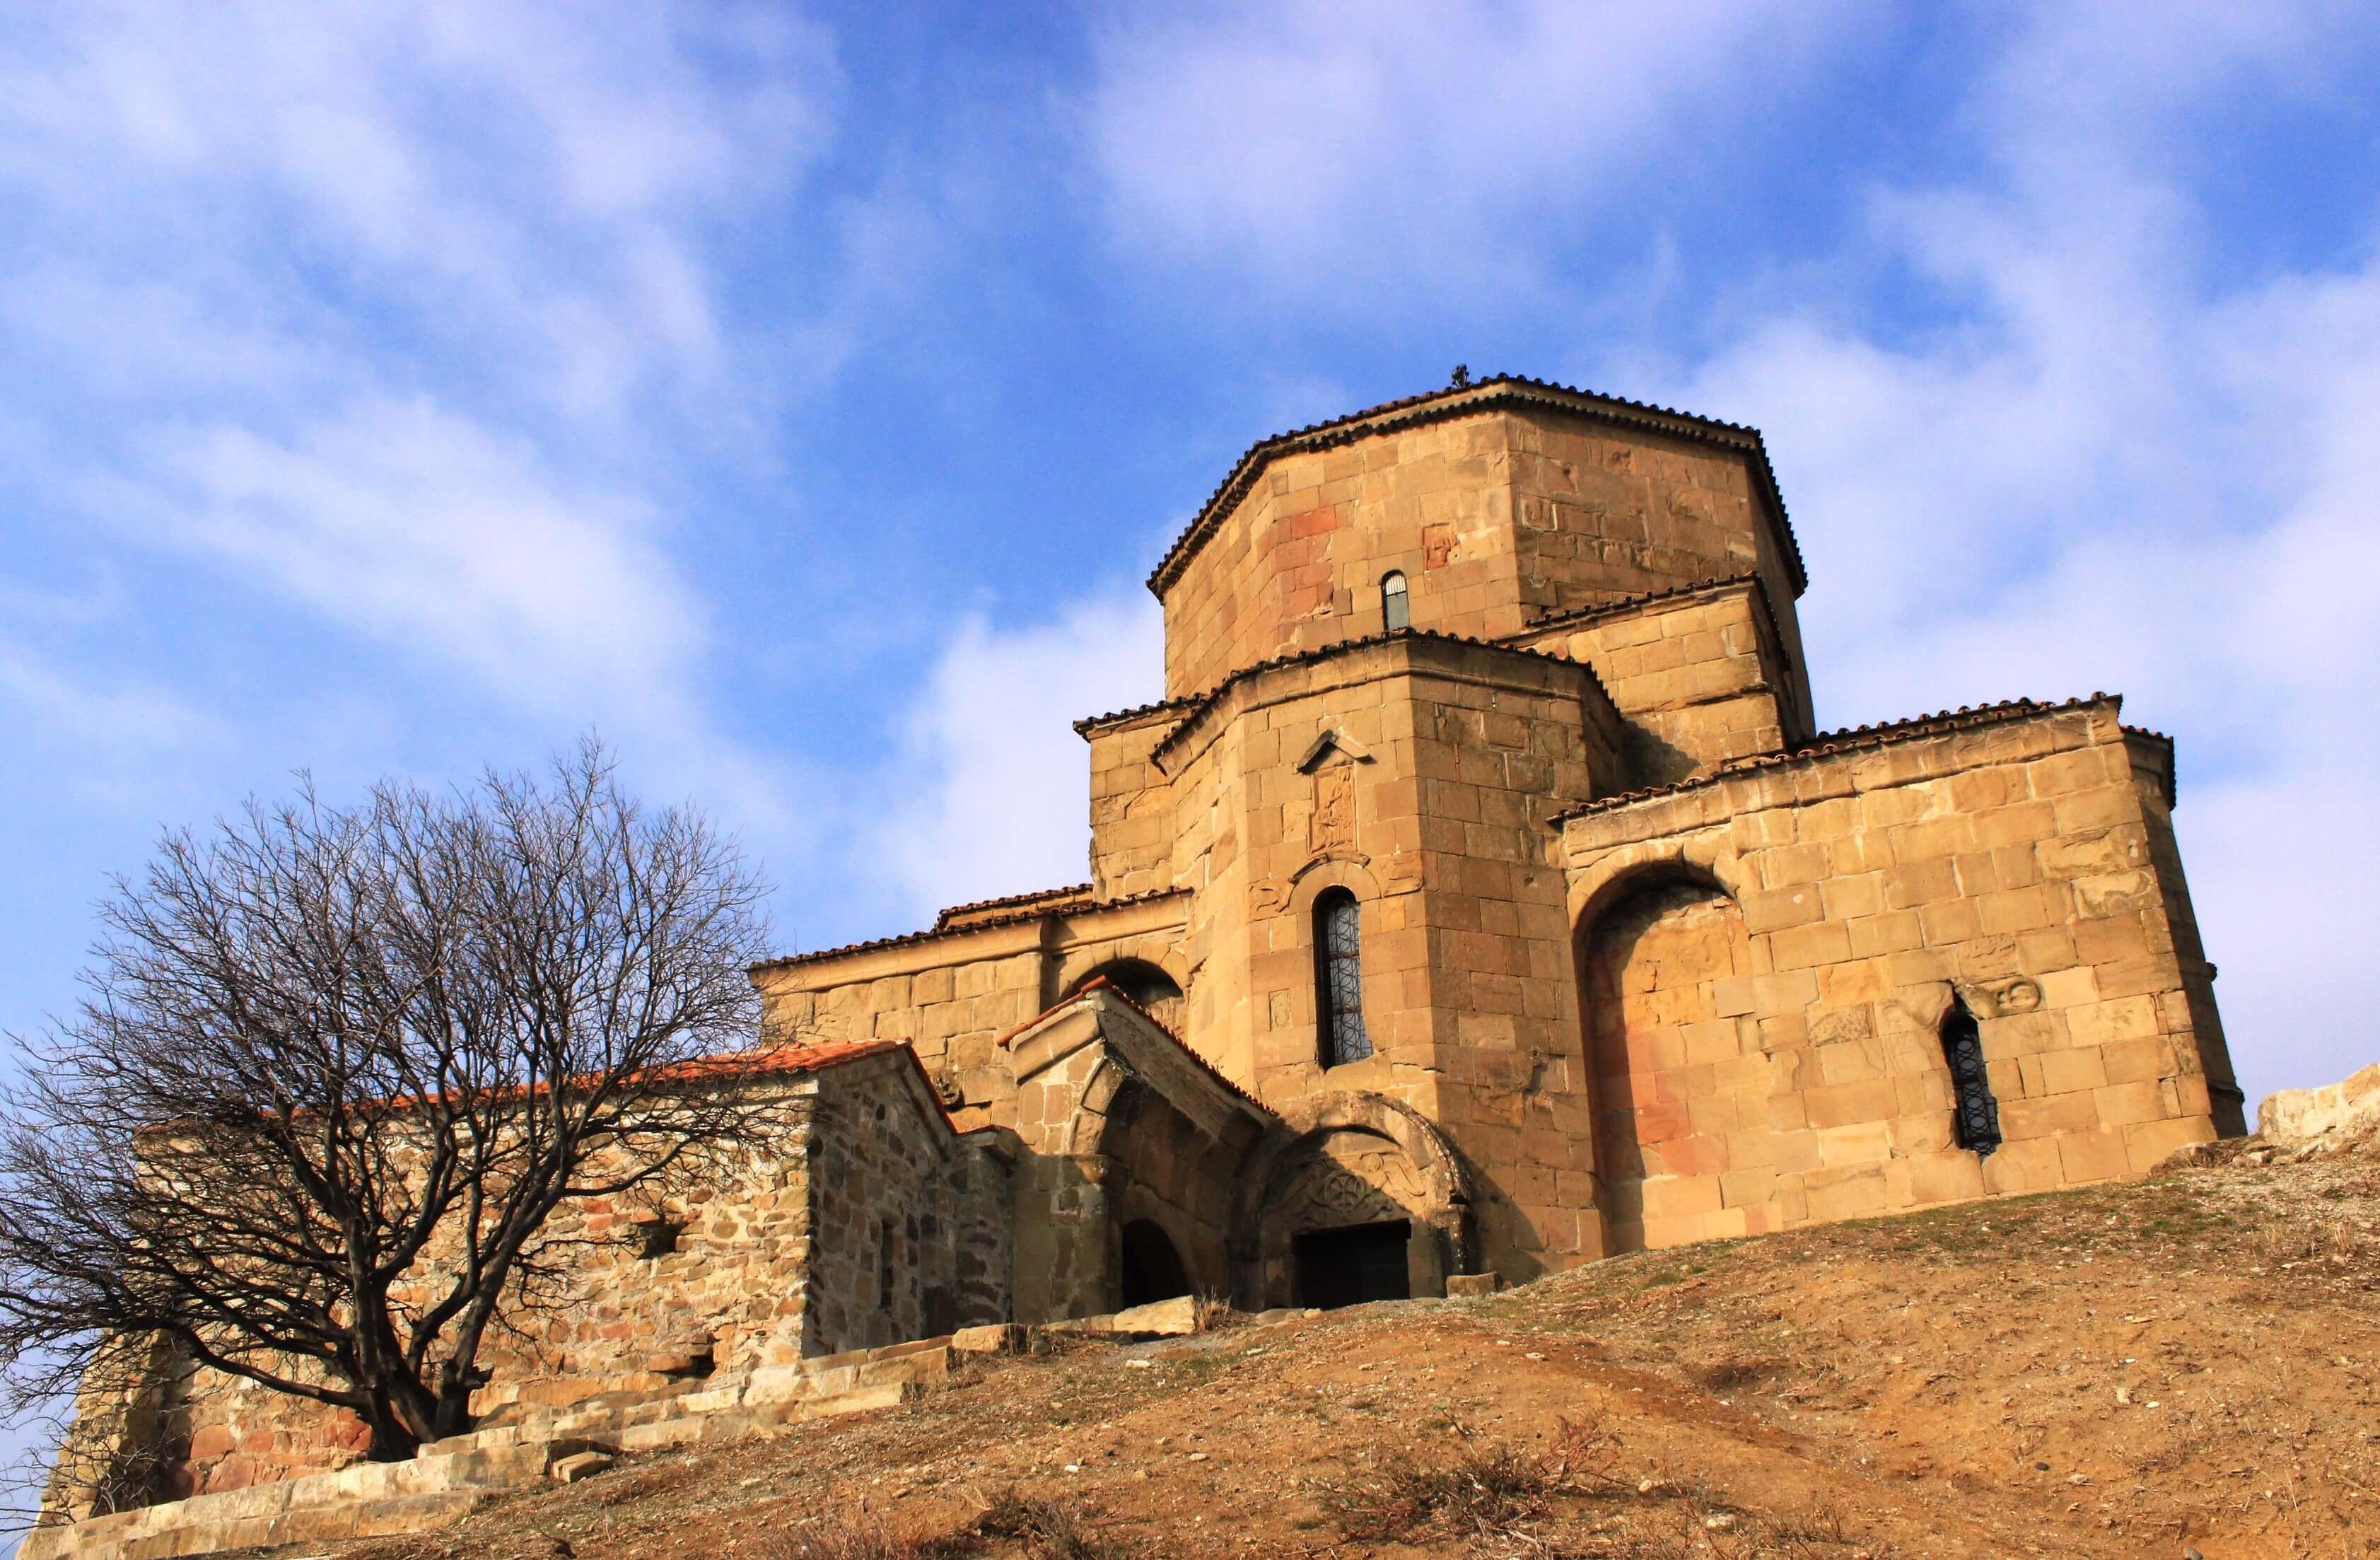 Eski Gürcü Manastırı, Barhal